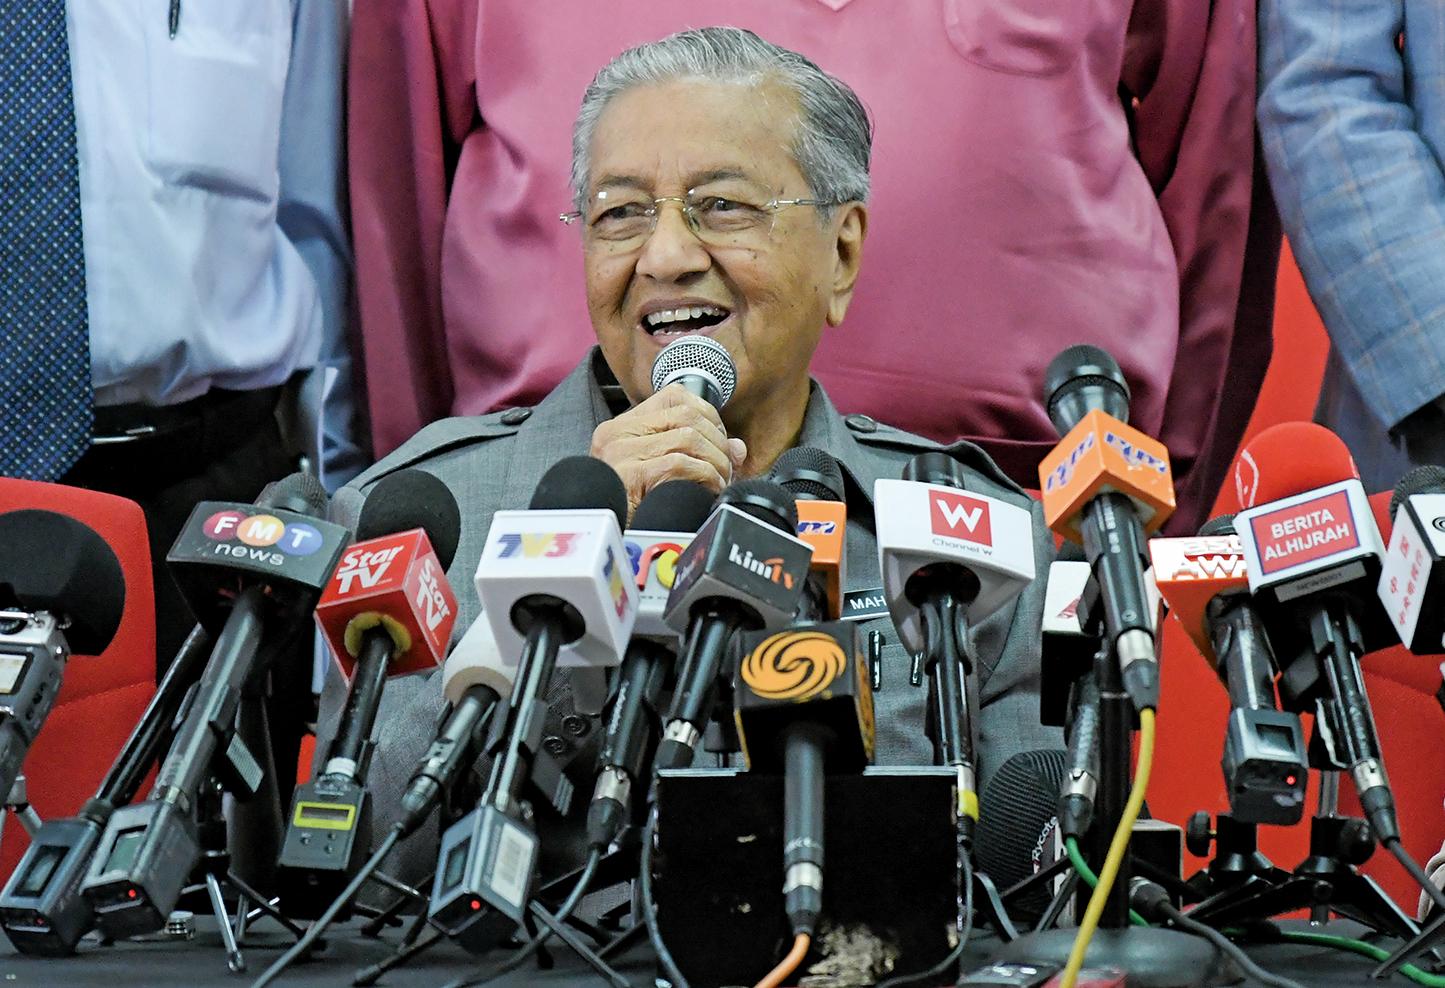 馬來西亞首相馬哈蒂爾(Mahathir Mohamad)將於8月17日至21日對北京進行正式訪問。(AFP)